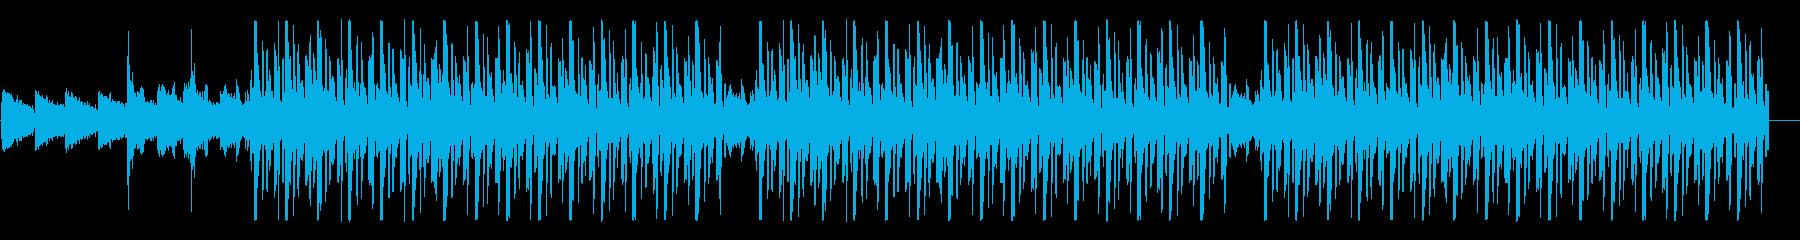 お洒落でグルーヴィーなHipHopの再生済みの波形